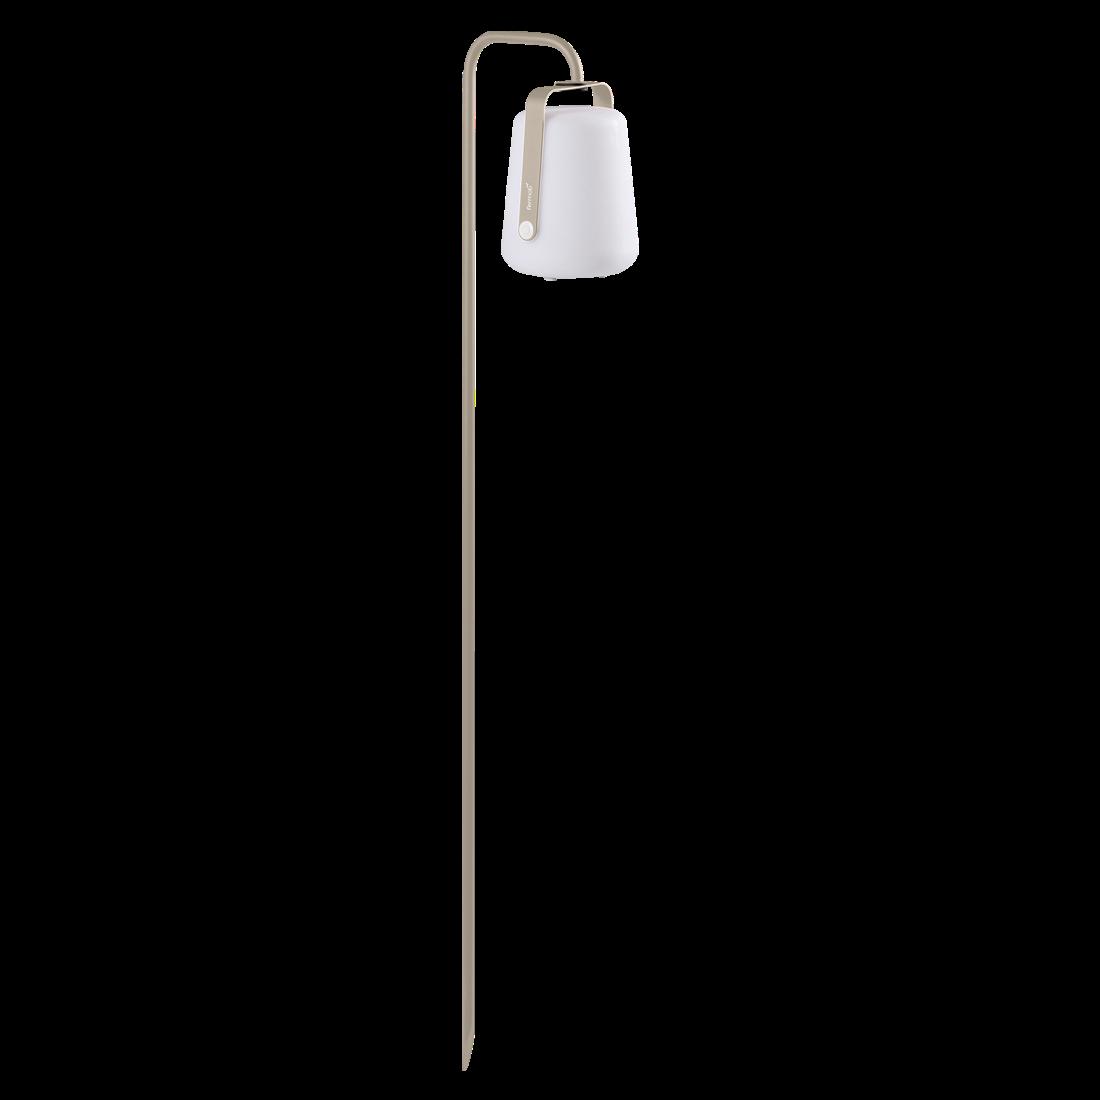 Stojan na zapíchnutí pro LED lampu BALAD_0